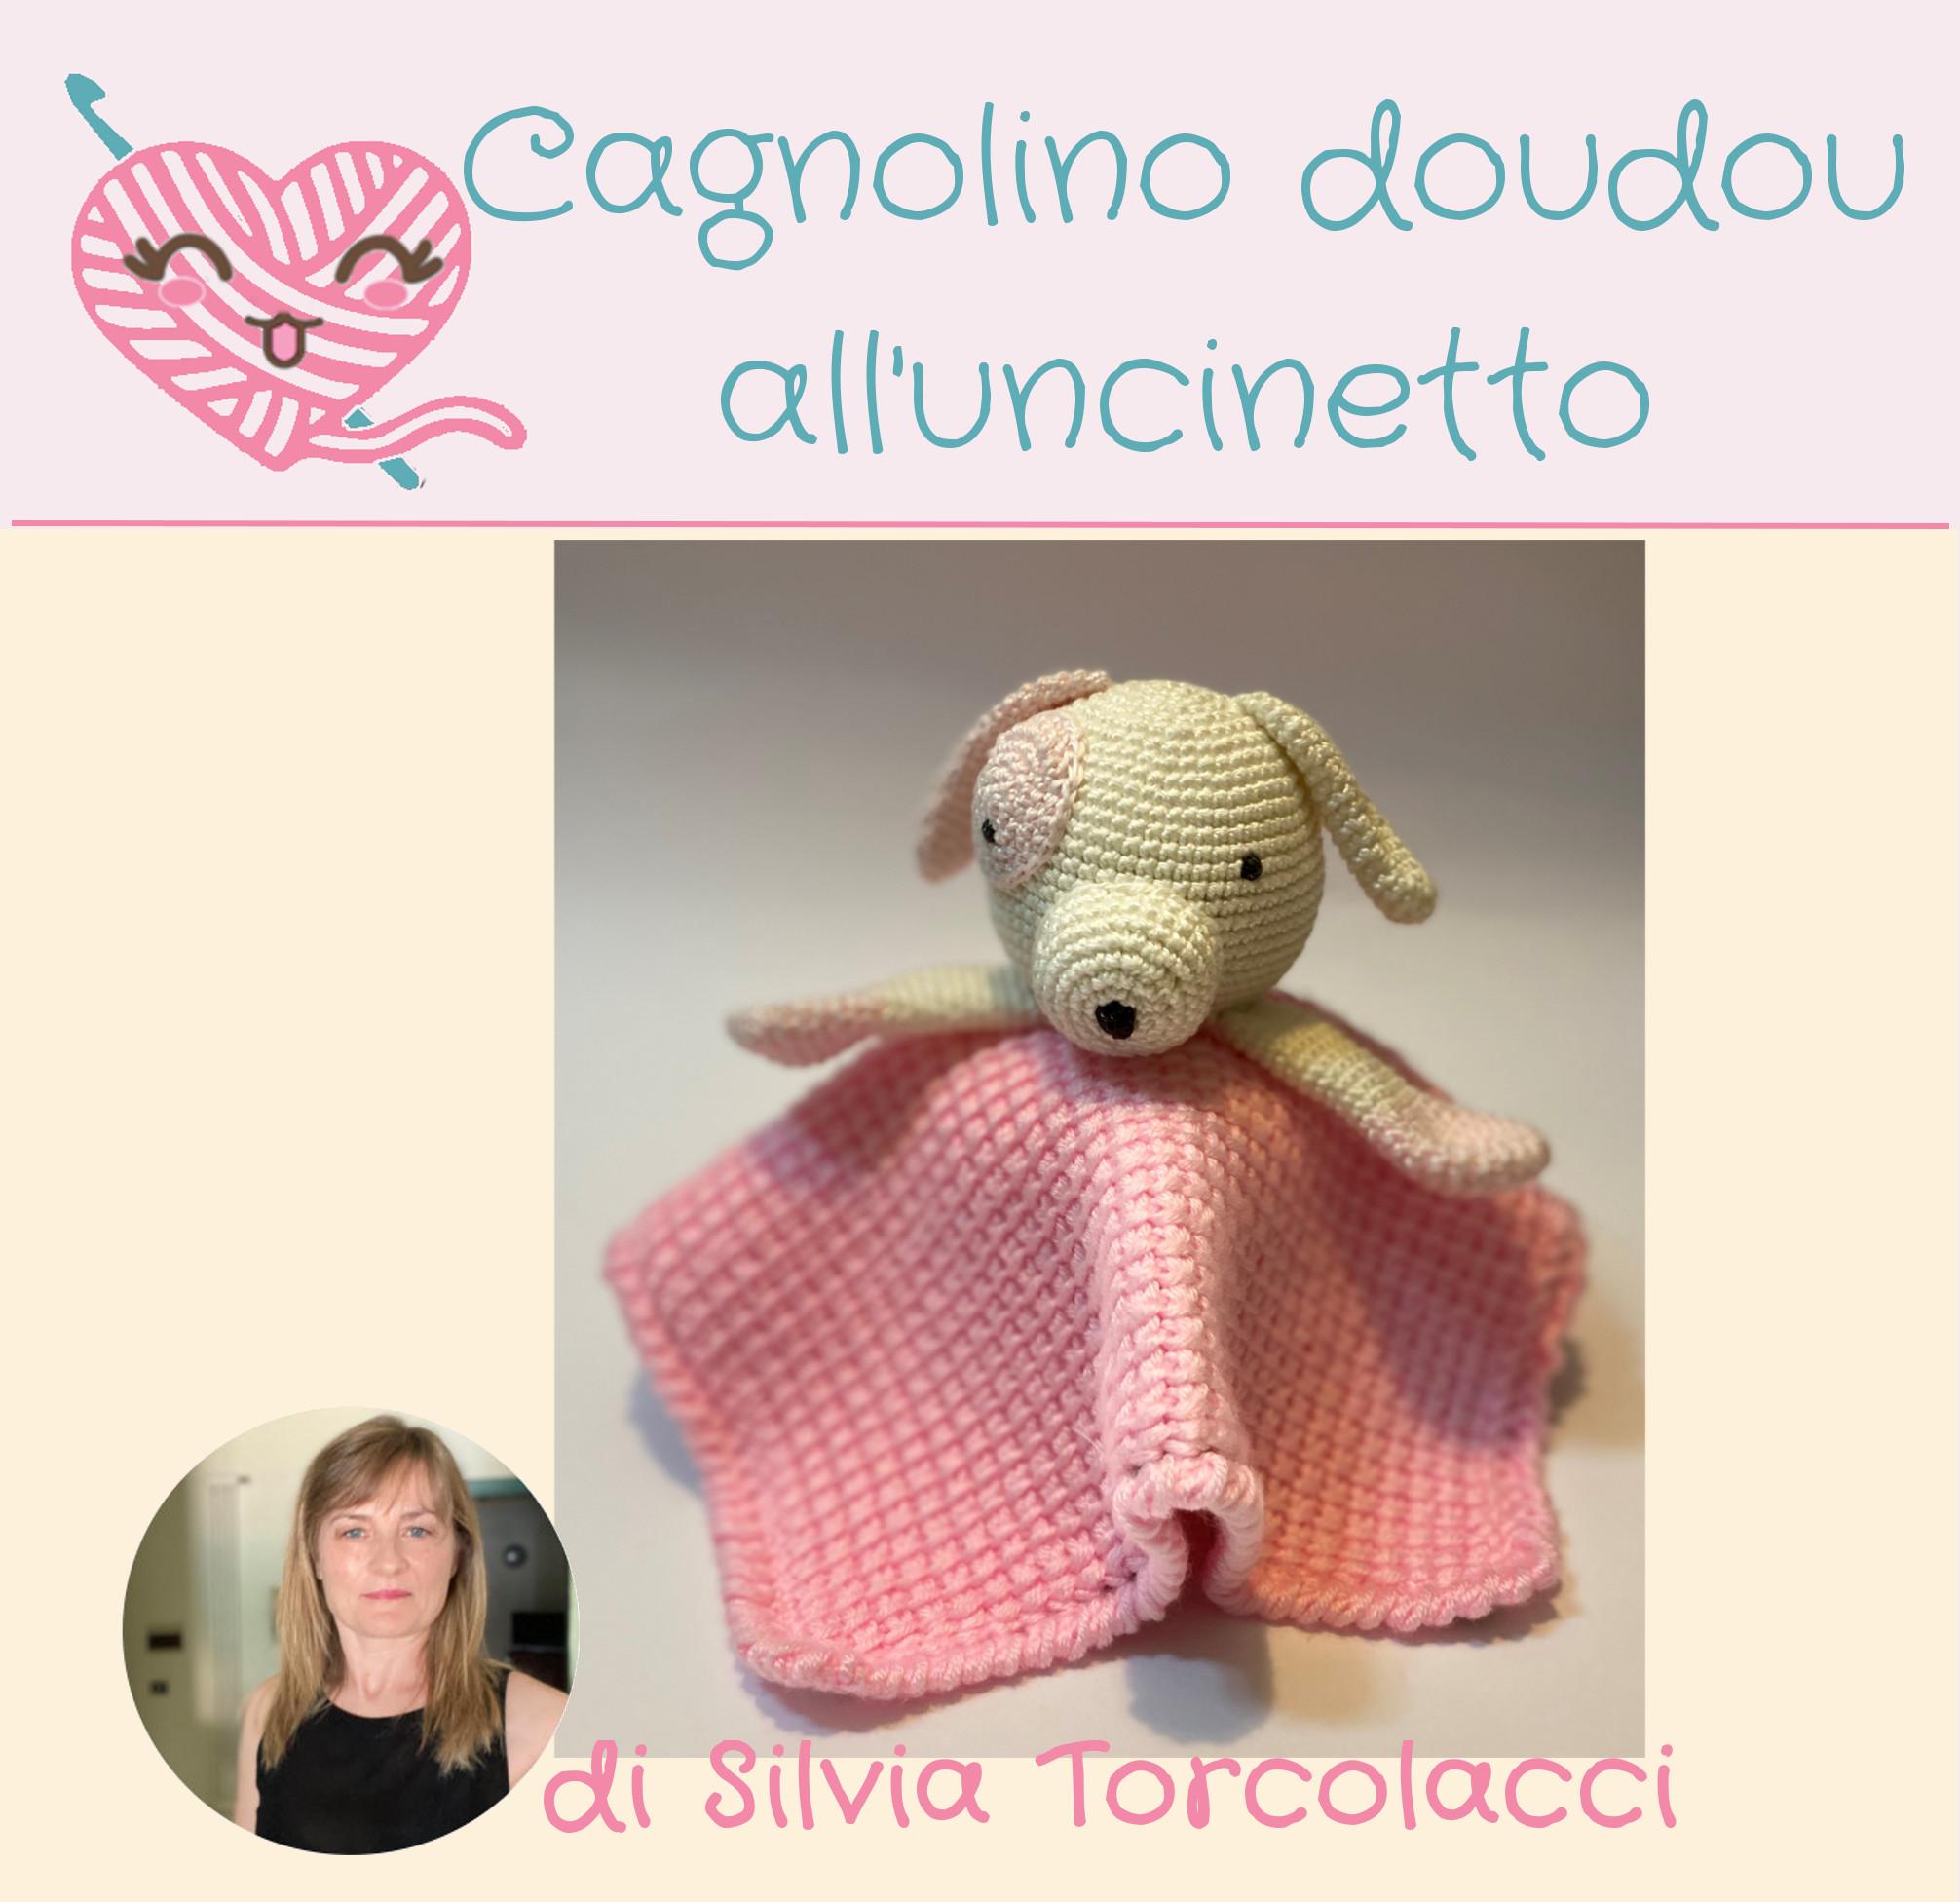 cagnolino-doudou-uncinetto-di-silvia-torcolacci-pinky-time-friends